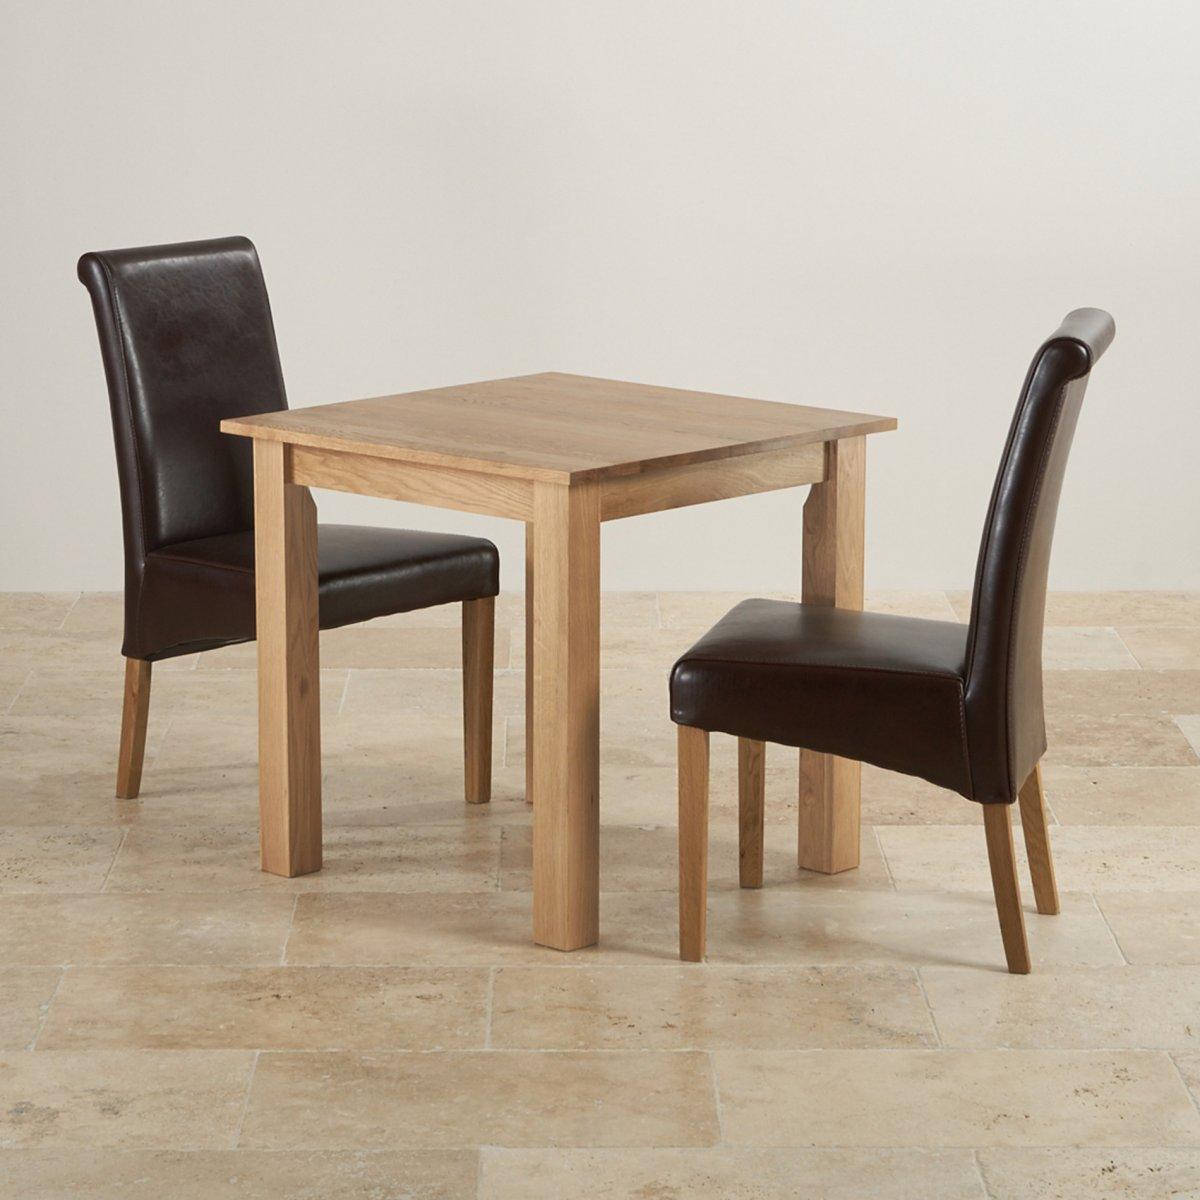 Set Of 2 Dining Room Furniture Brown Leather Dining: Hudson Dining Set In Natural Oak